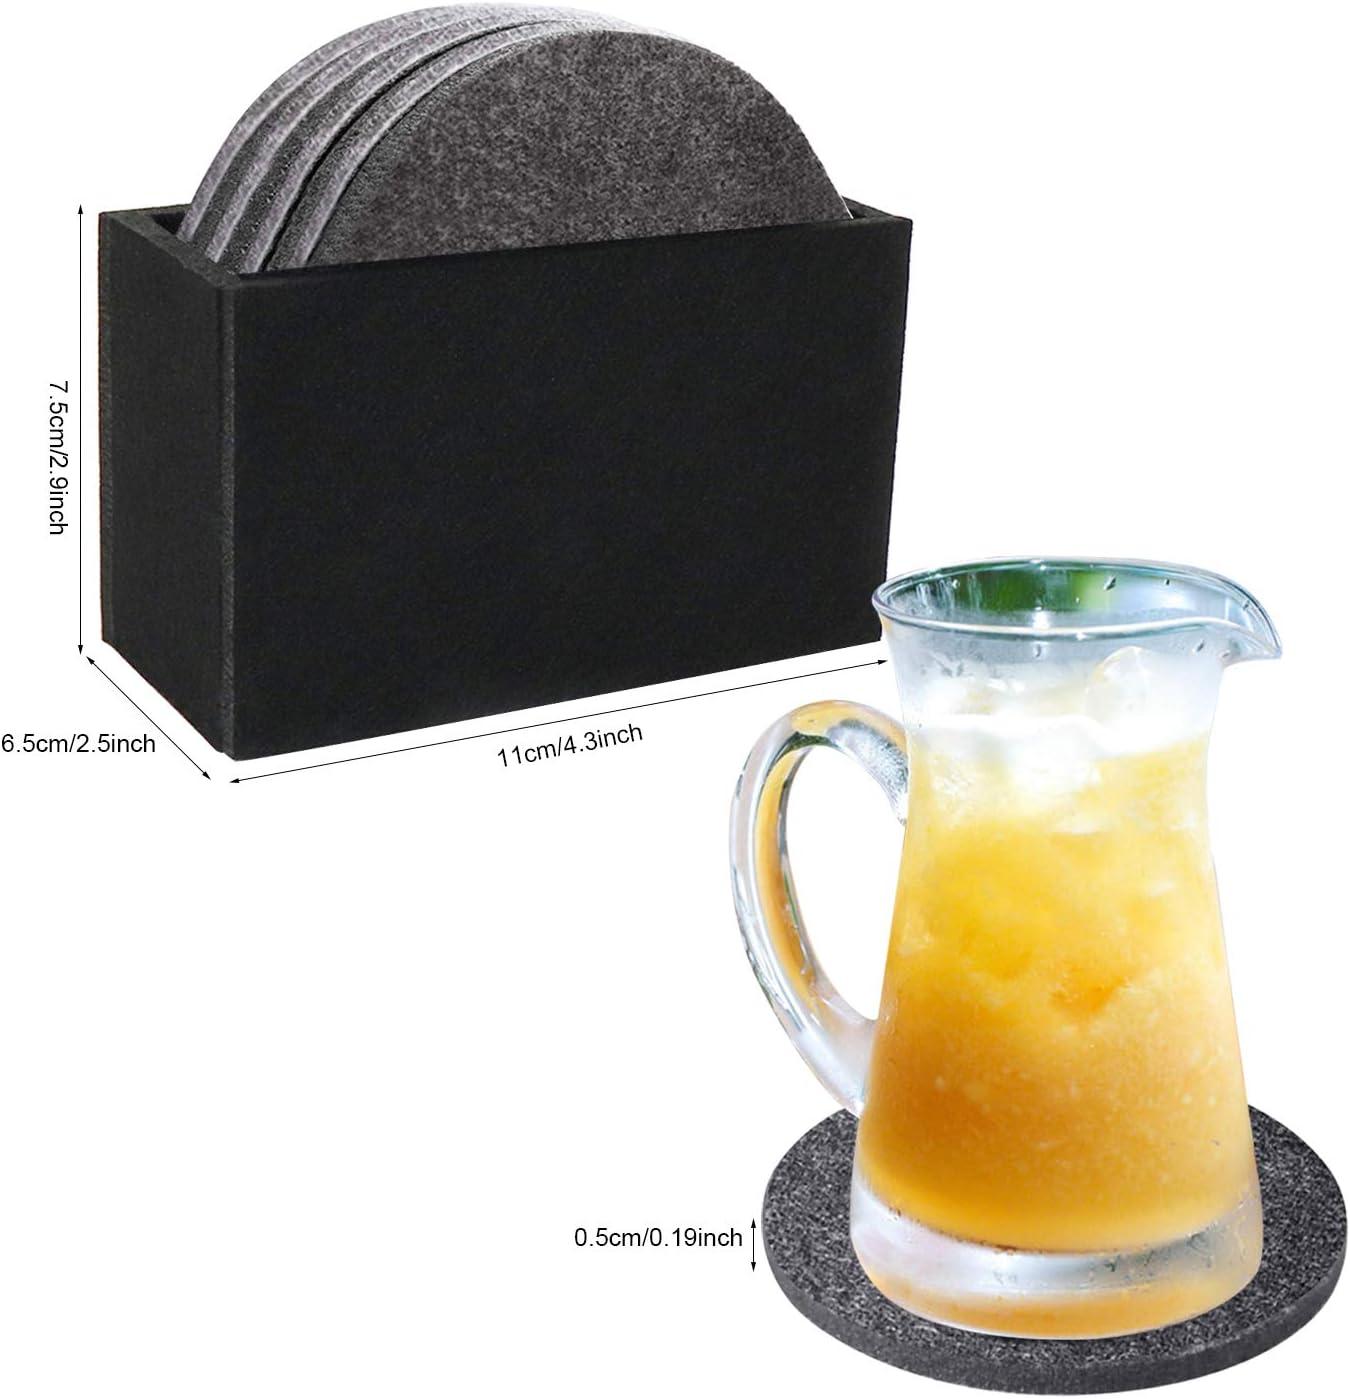 Filz Untersetzer rund Rutschfester Hitzebest/ändiger Abriebfester Waschbarer Filzuntersetzer 8 St/ück Filzunterlage f/ür Getr/änke Tassen Gl/äser Glas Tisch Bar